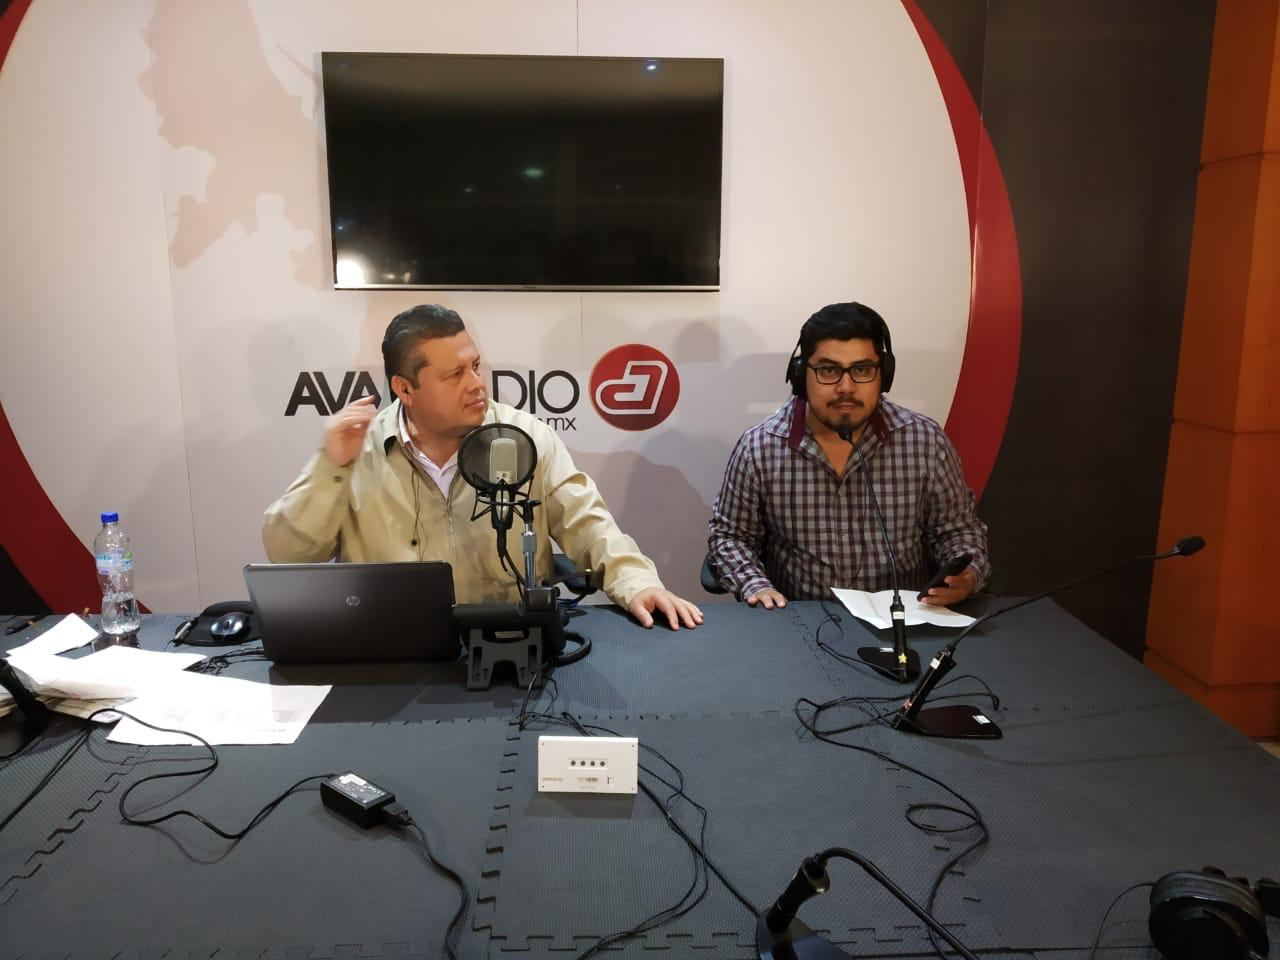 LSR Veracruz y E-Consulta Veracruz tejen alianza con Avan Radio